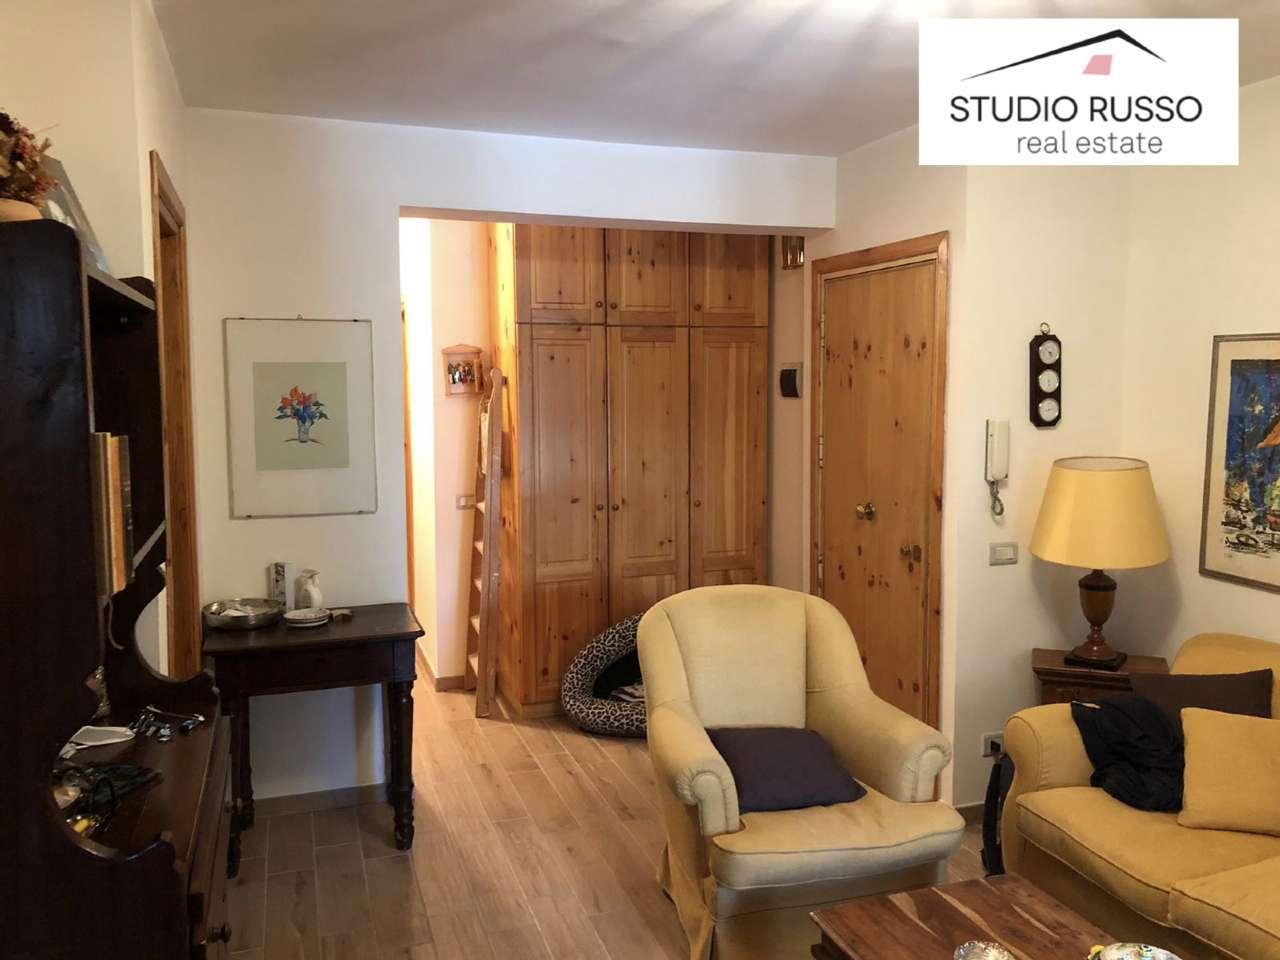 Appartamento in vendita a Roccaraso, 9999 locali, prezzo € 285.000 | CambioCasa.it